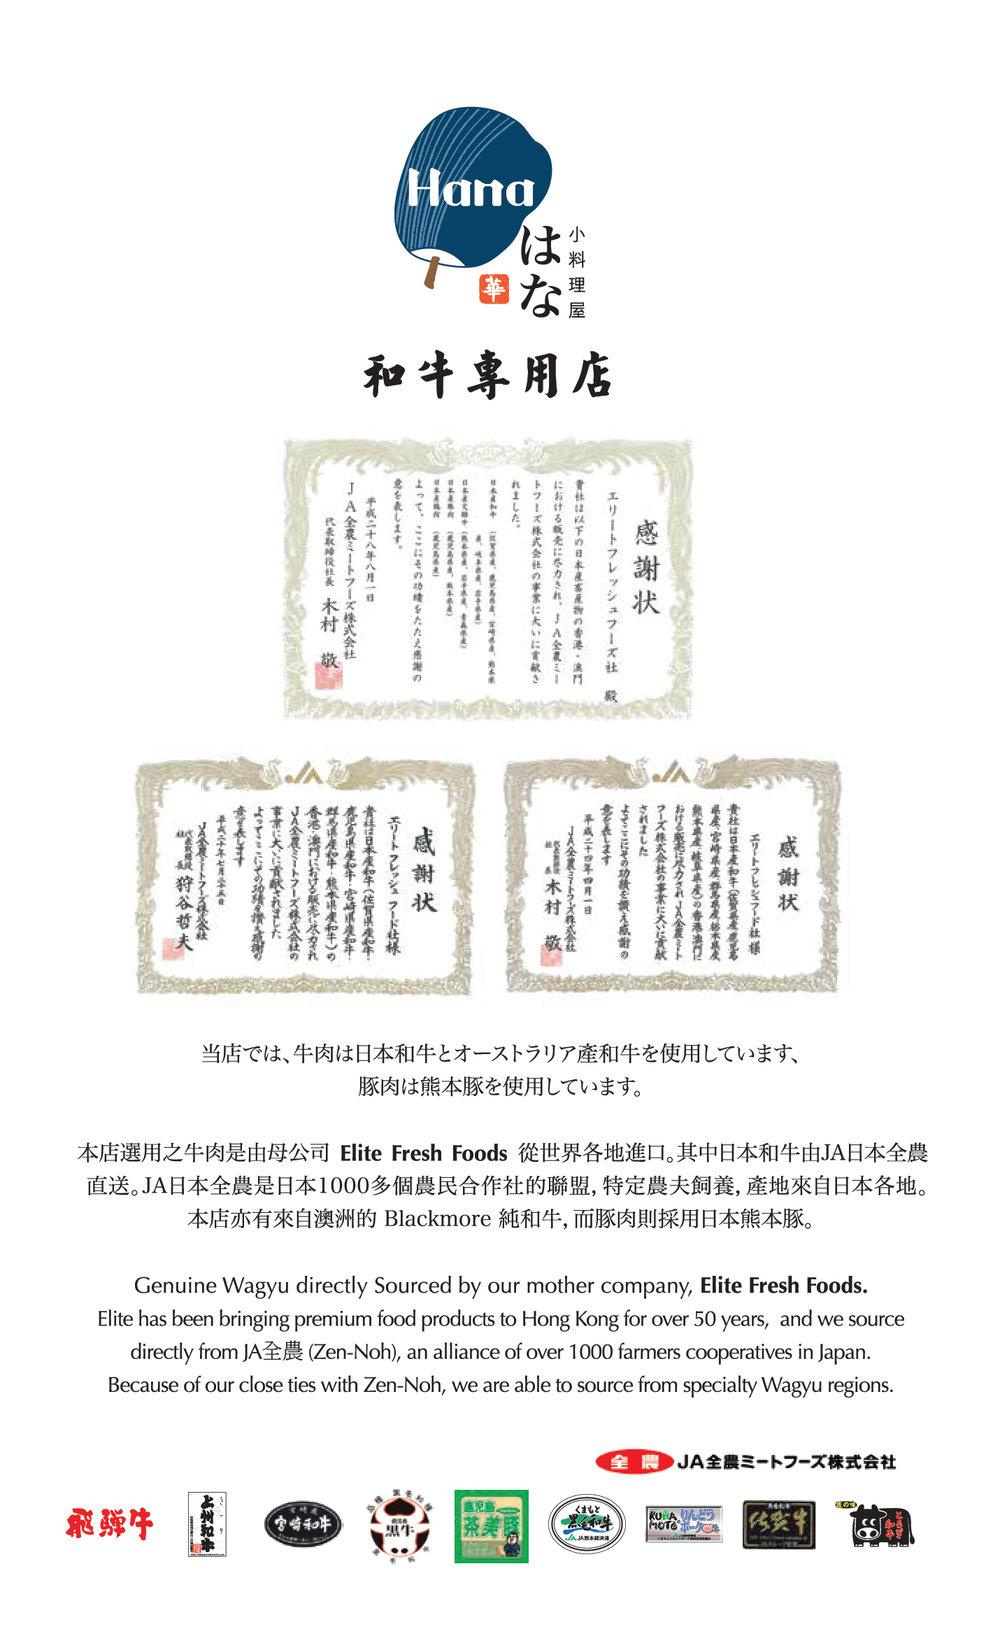 Hana_MainMenu-01.jpg